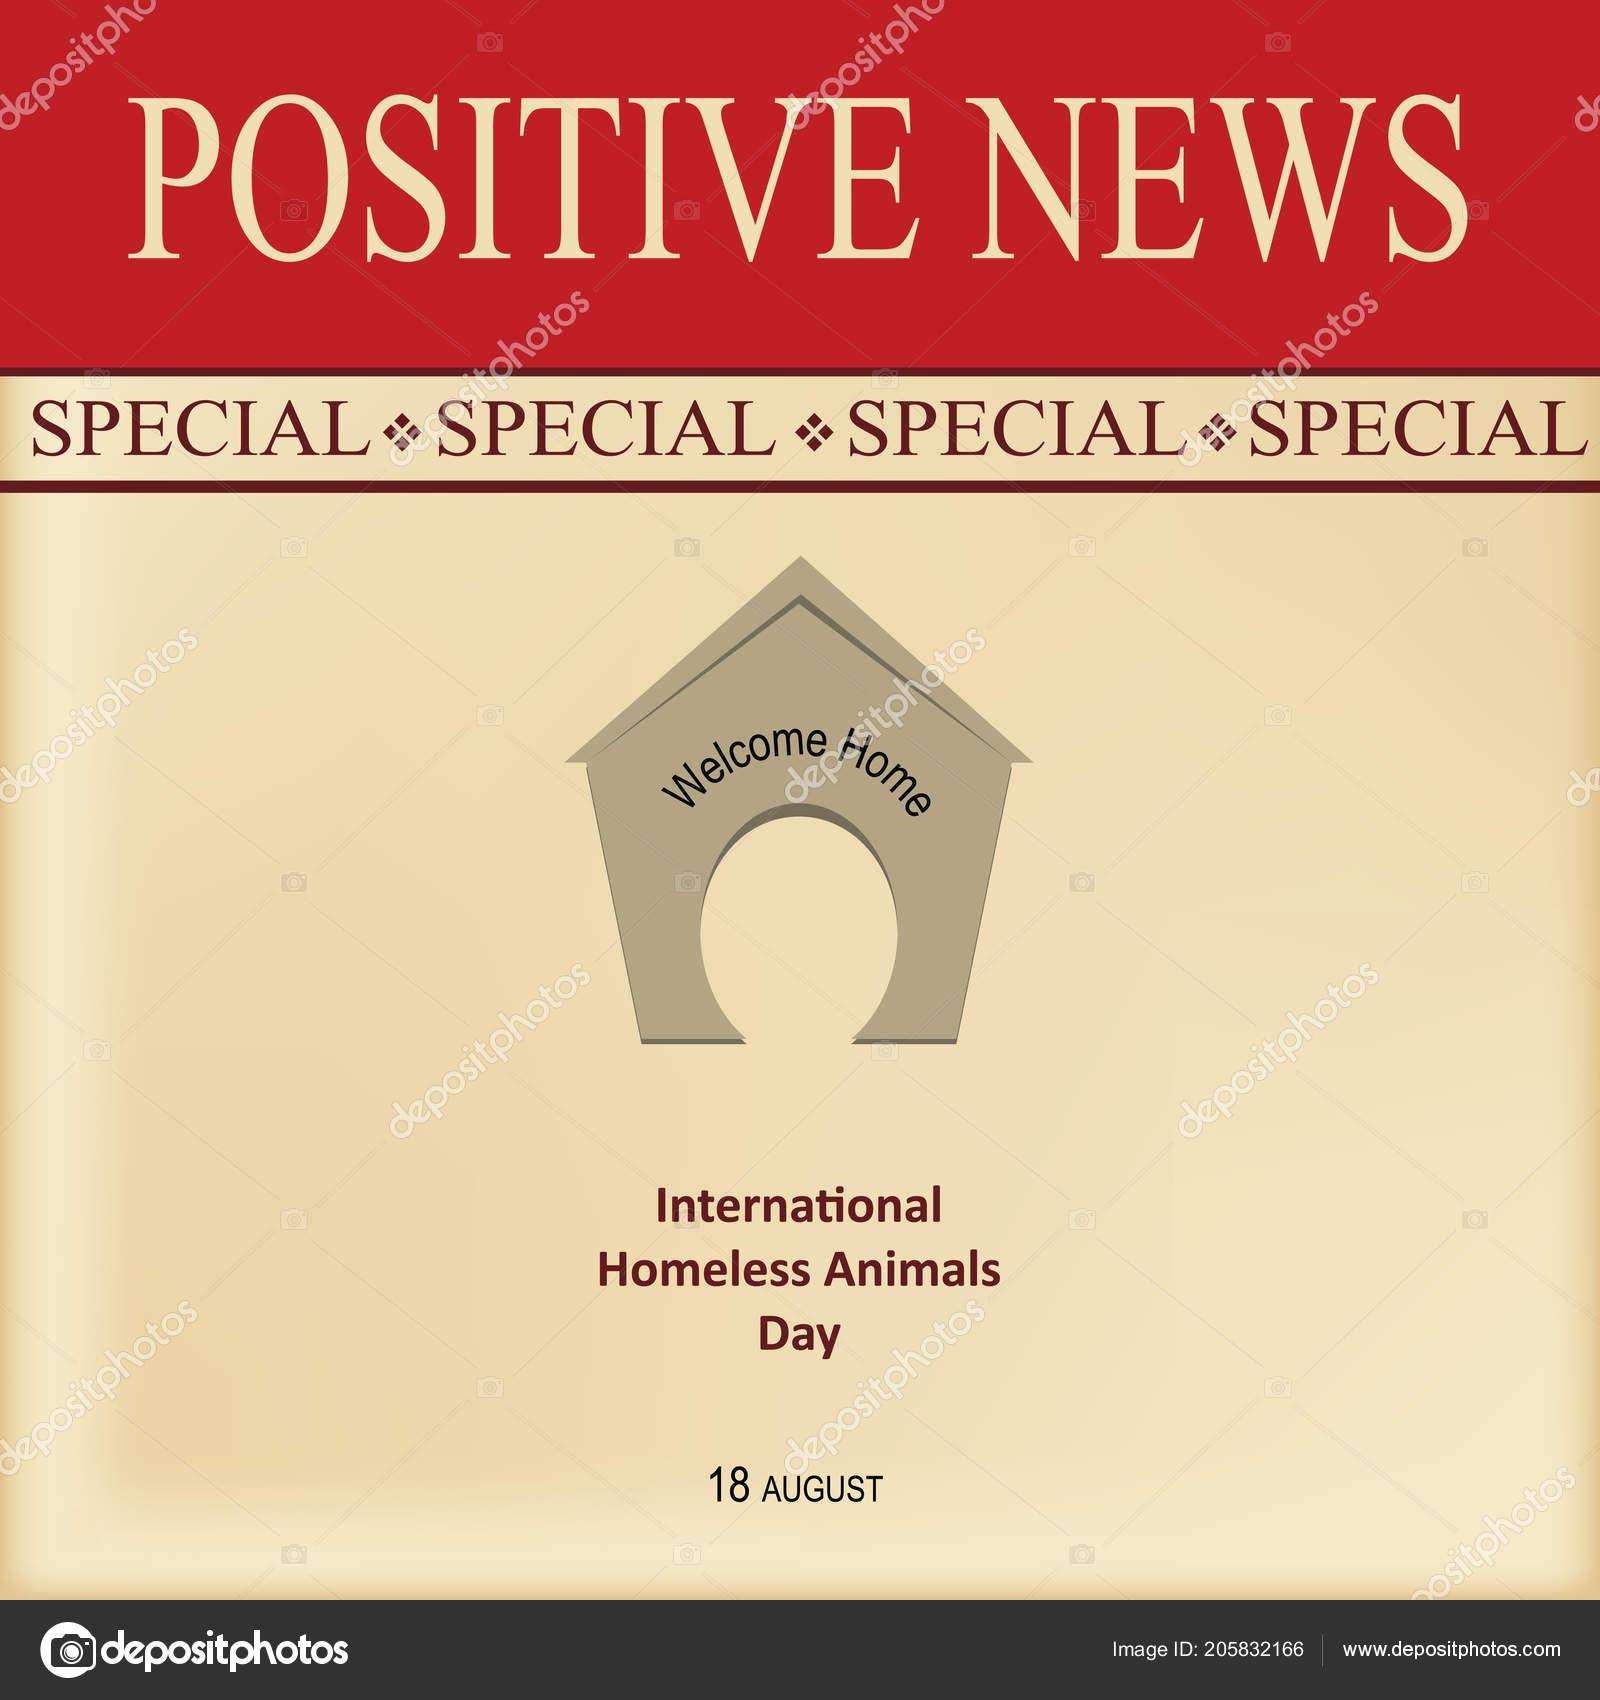 Calendario Internazionale.Foglio Notizie Speciale Notizie Positive Evento Del